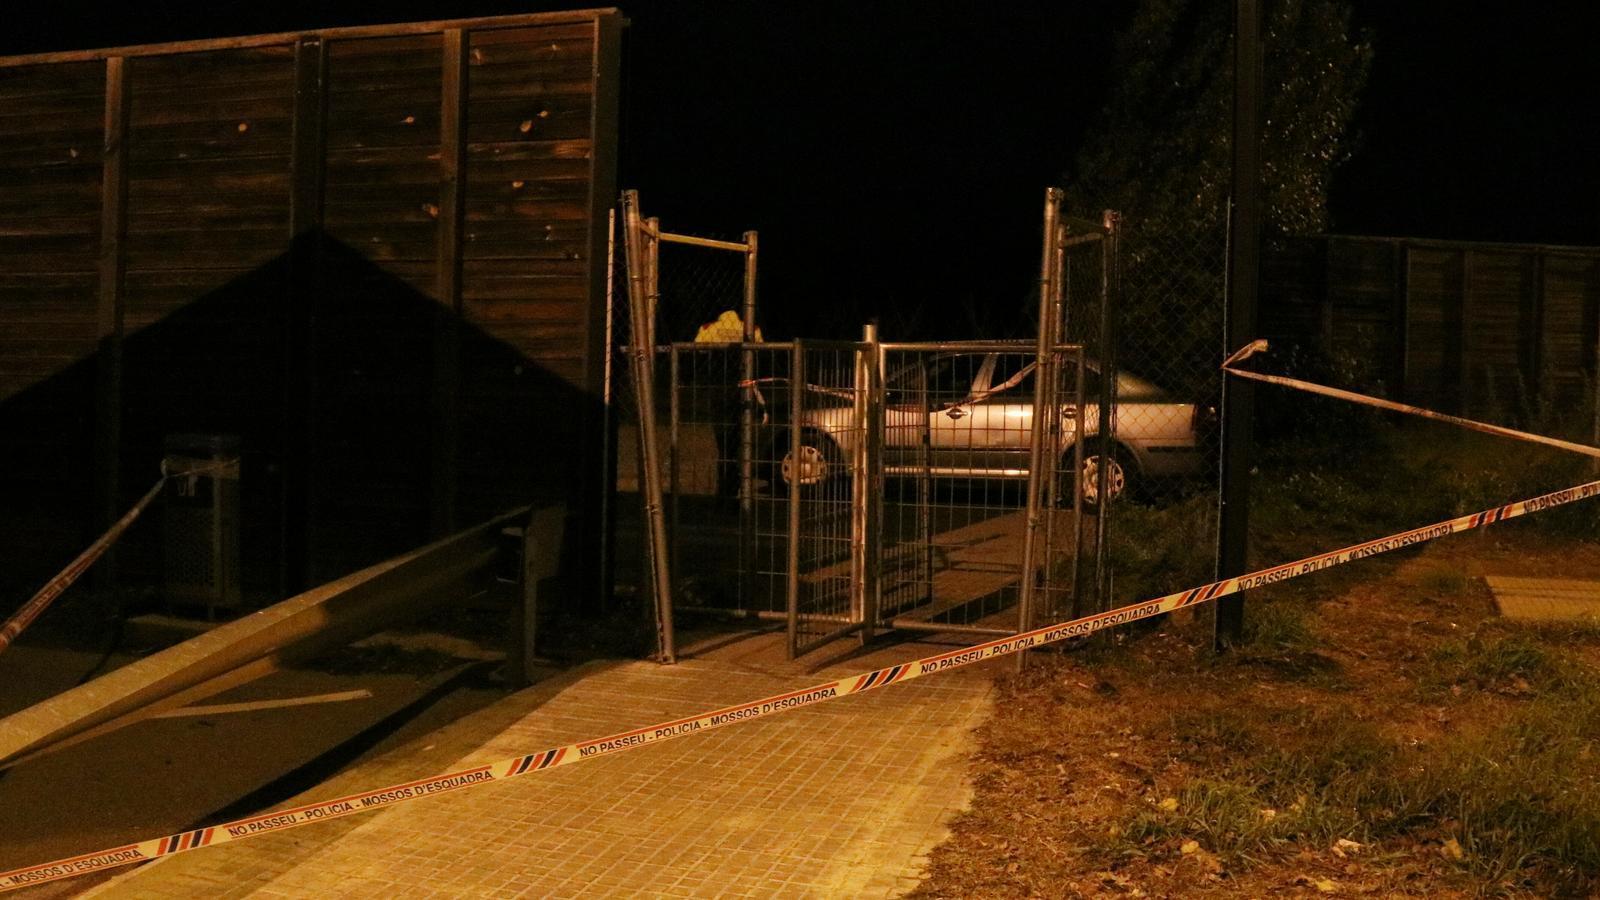 PEl lloc on ha ocorregut el tiroteig a Llinars del Vallès